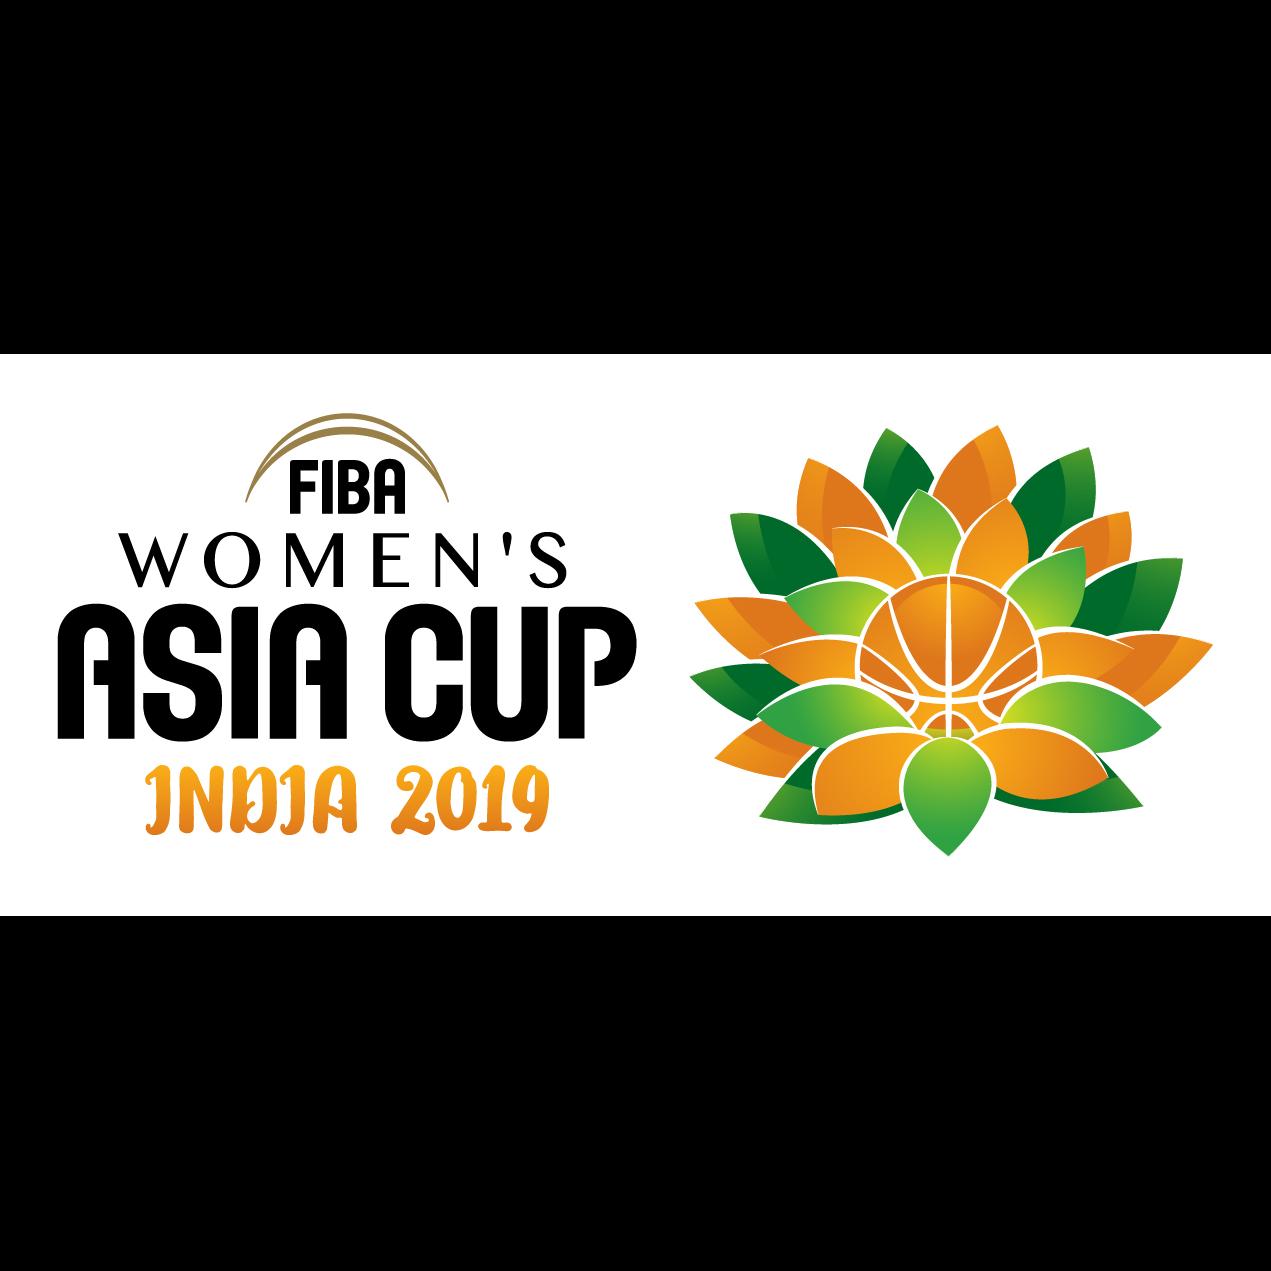 2019 FIBA Basketball Women's Asia Cup